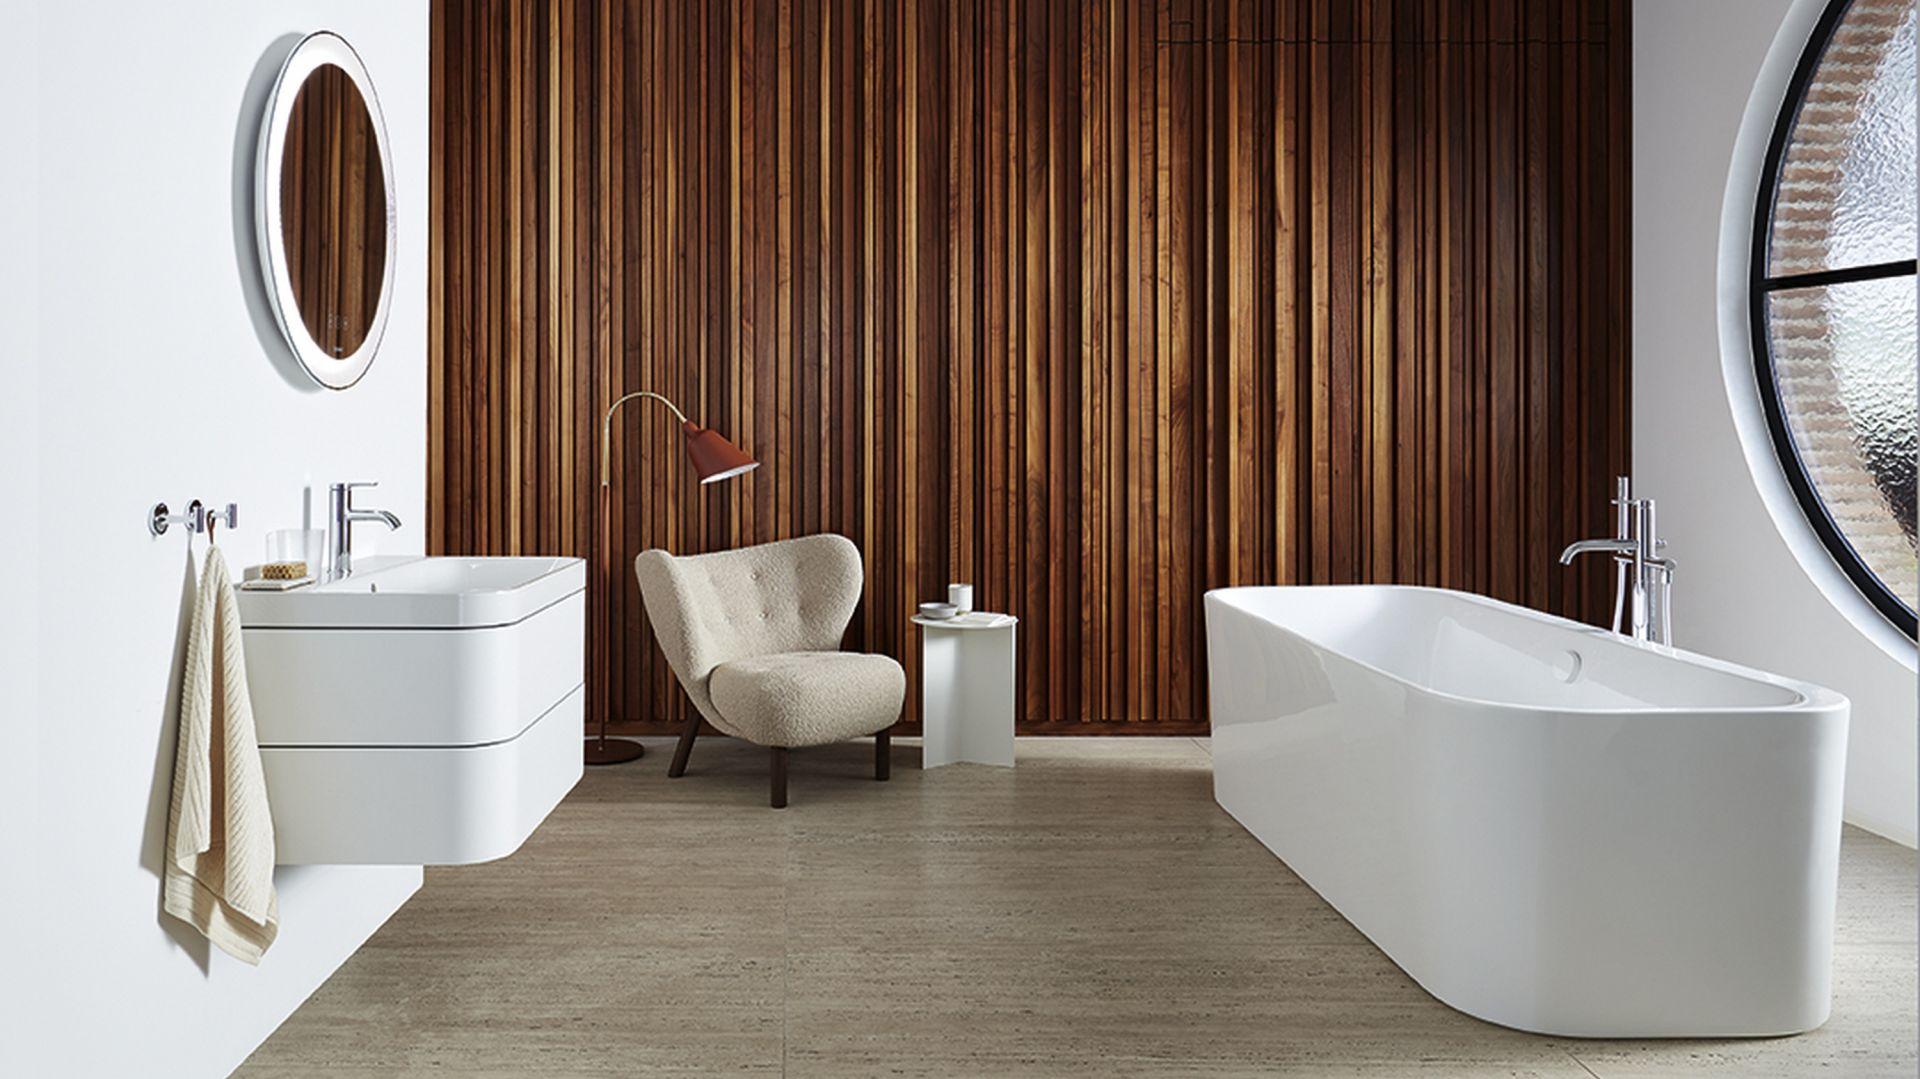 Nowe warianty obszaru mycia można idealnie łączyć ze wszystkimi elementami z serii Happy D.2 i Happy D.2 Plus, zapewniając spójny design wszystkich elementów w łazience. Fot. Happy D.2 Plus Duravit